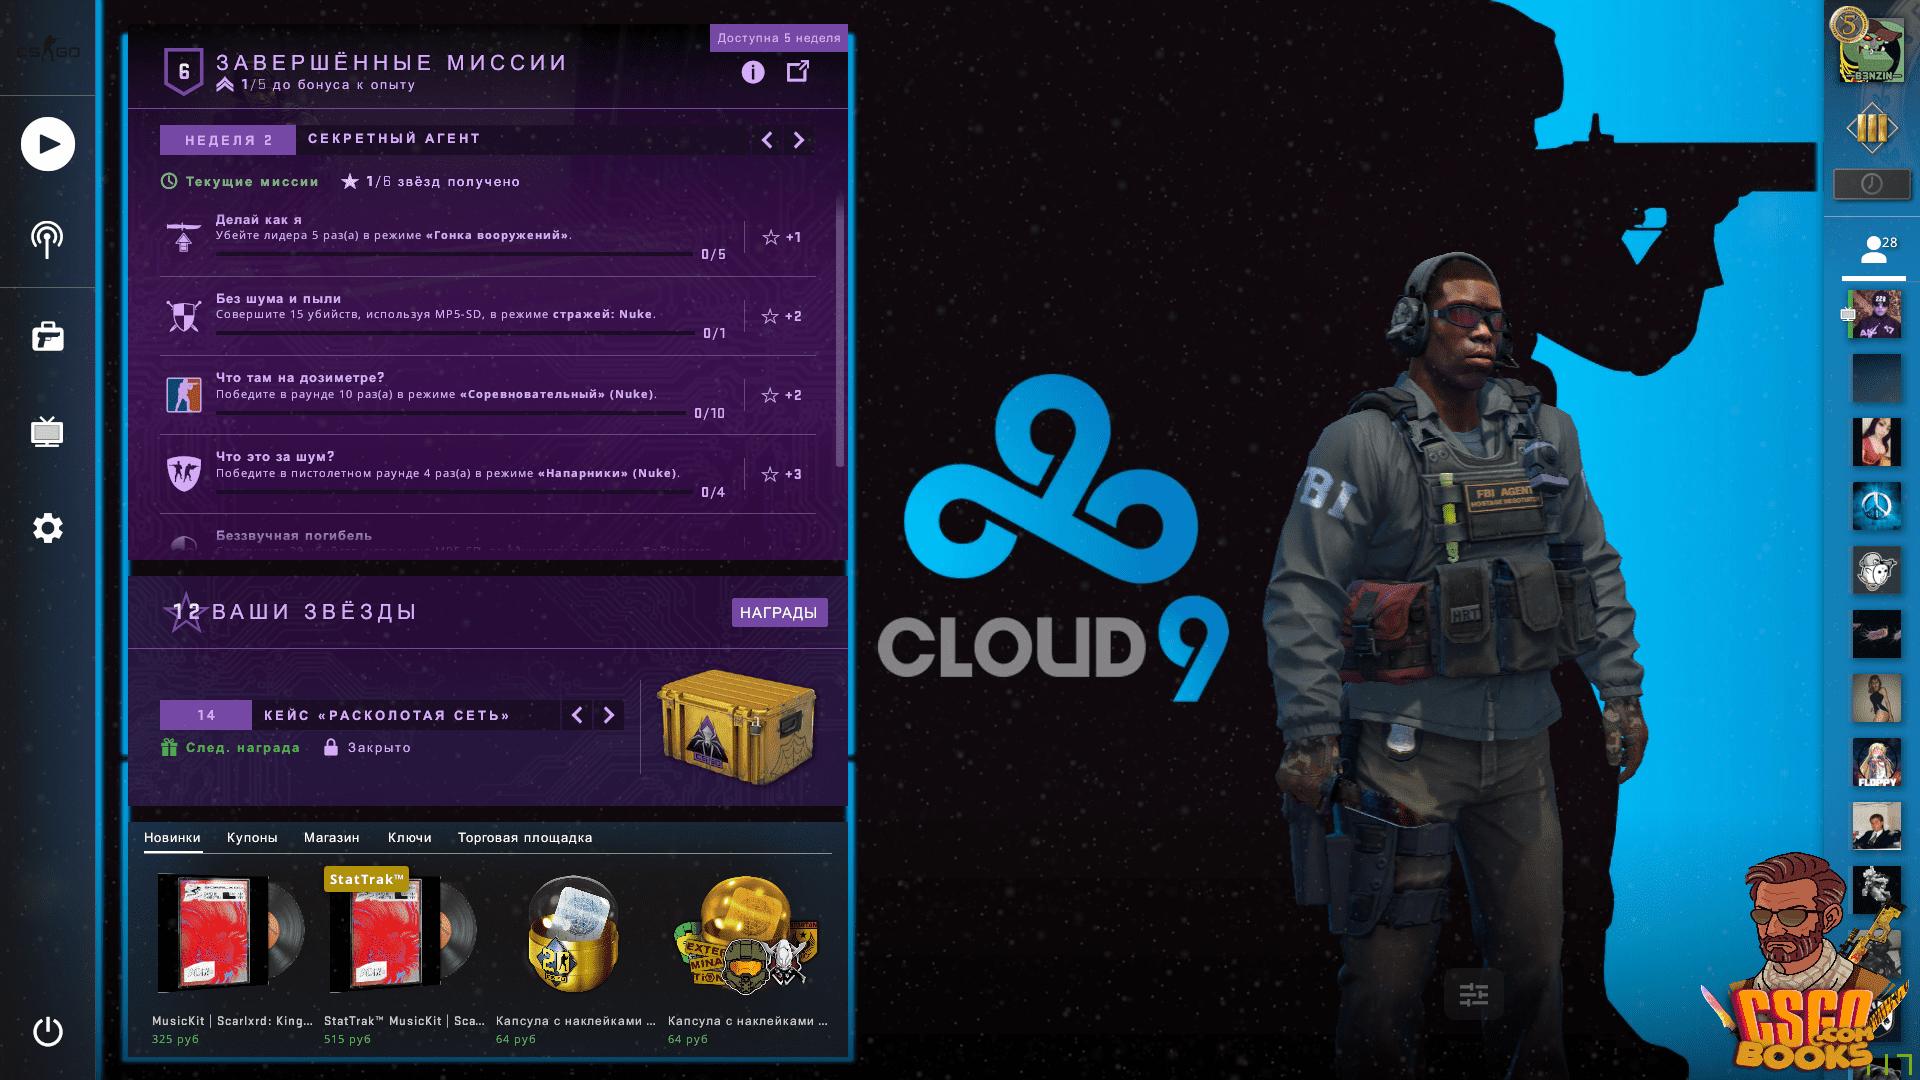 Cloud9 panorama ui фон для главного меню ксго